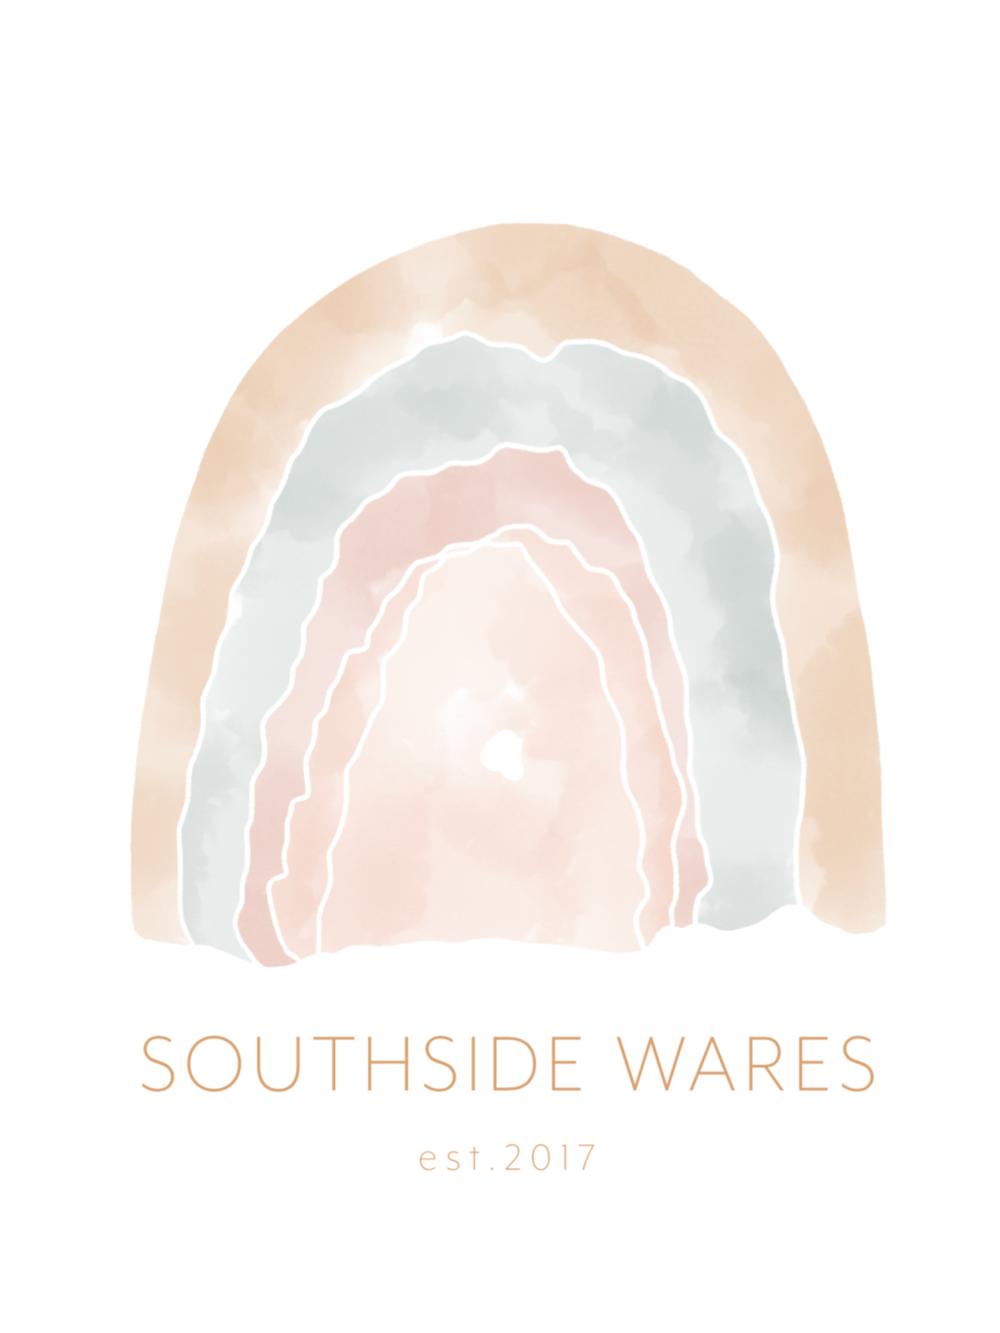 Studio FIG for Southside Wares  |  Option 1